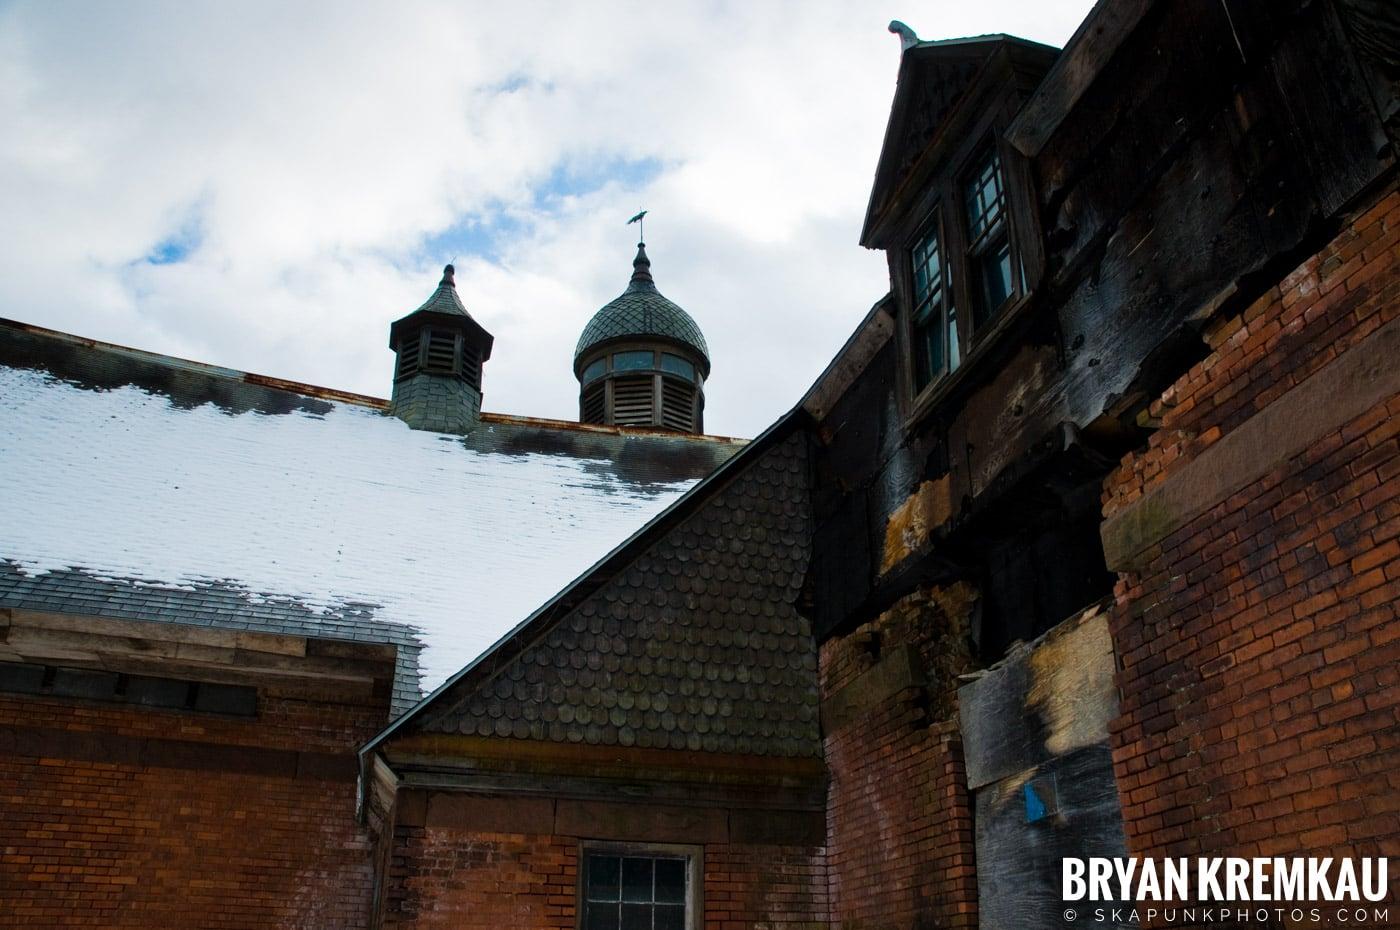 Valentine's Day Trip @ Rhinebeck, FDR's Home, Vanderbilt, Wilderstein Historic Site, NY - 2.14.10 (47)